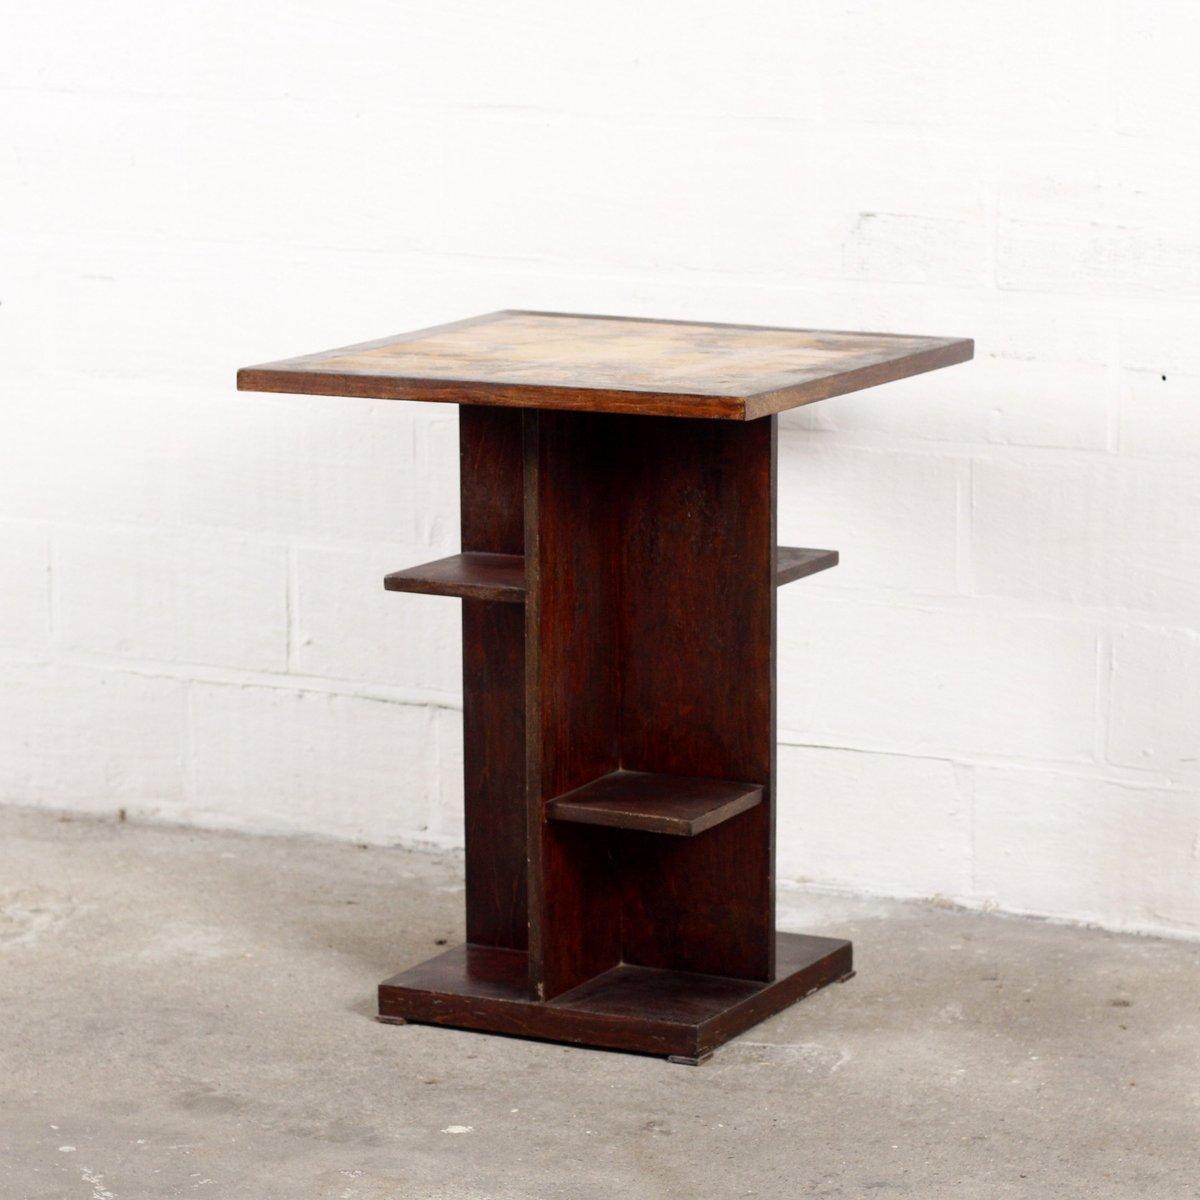 Art Deco Beistelltisch mit Gemusterter Tischplatte